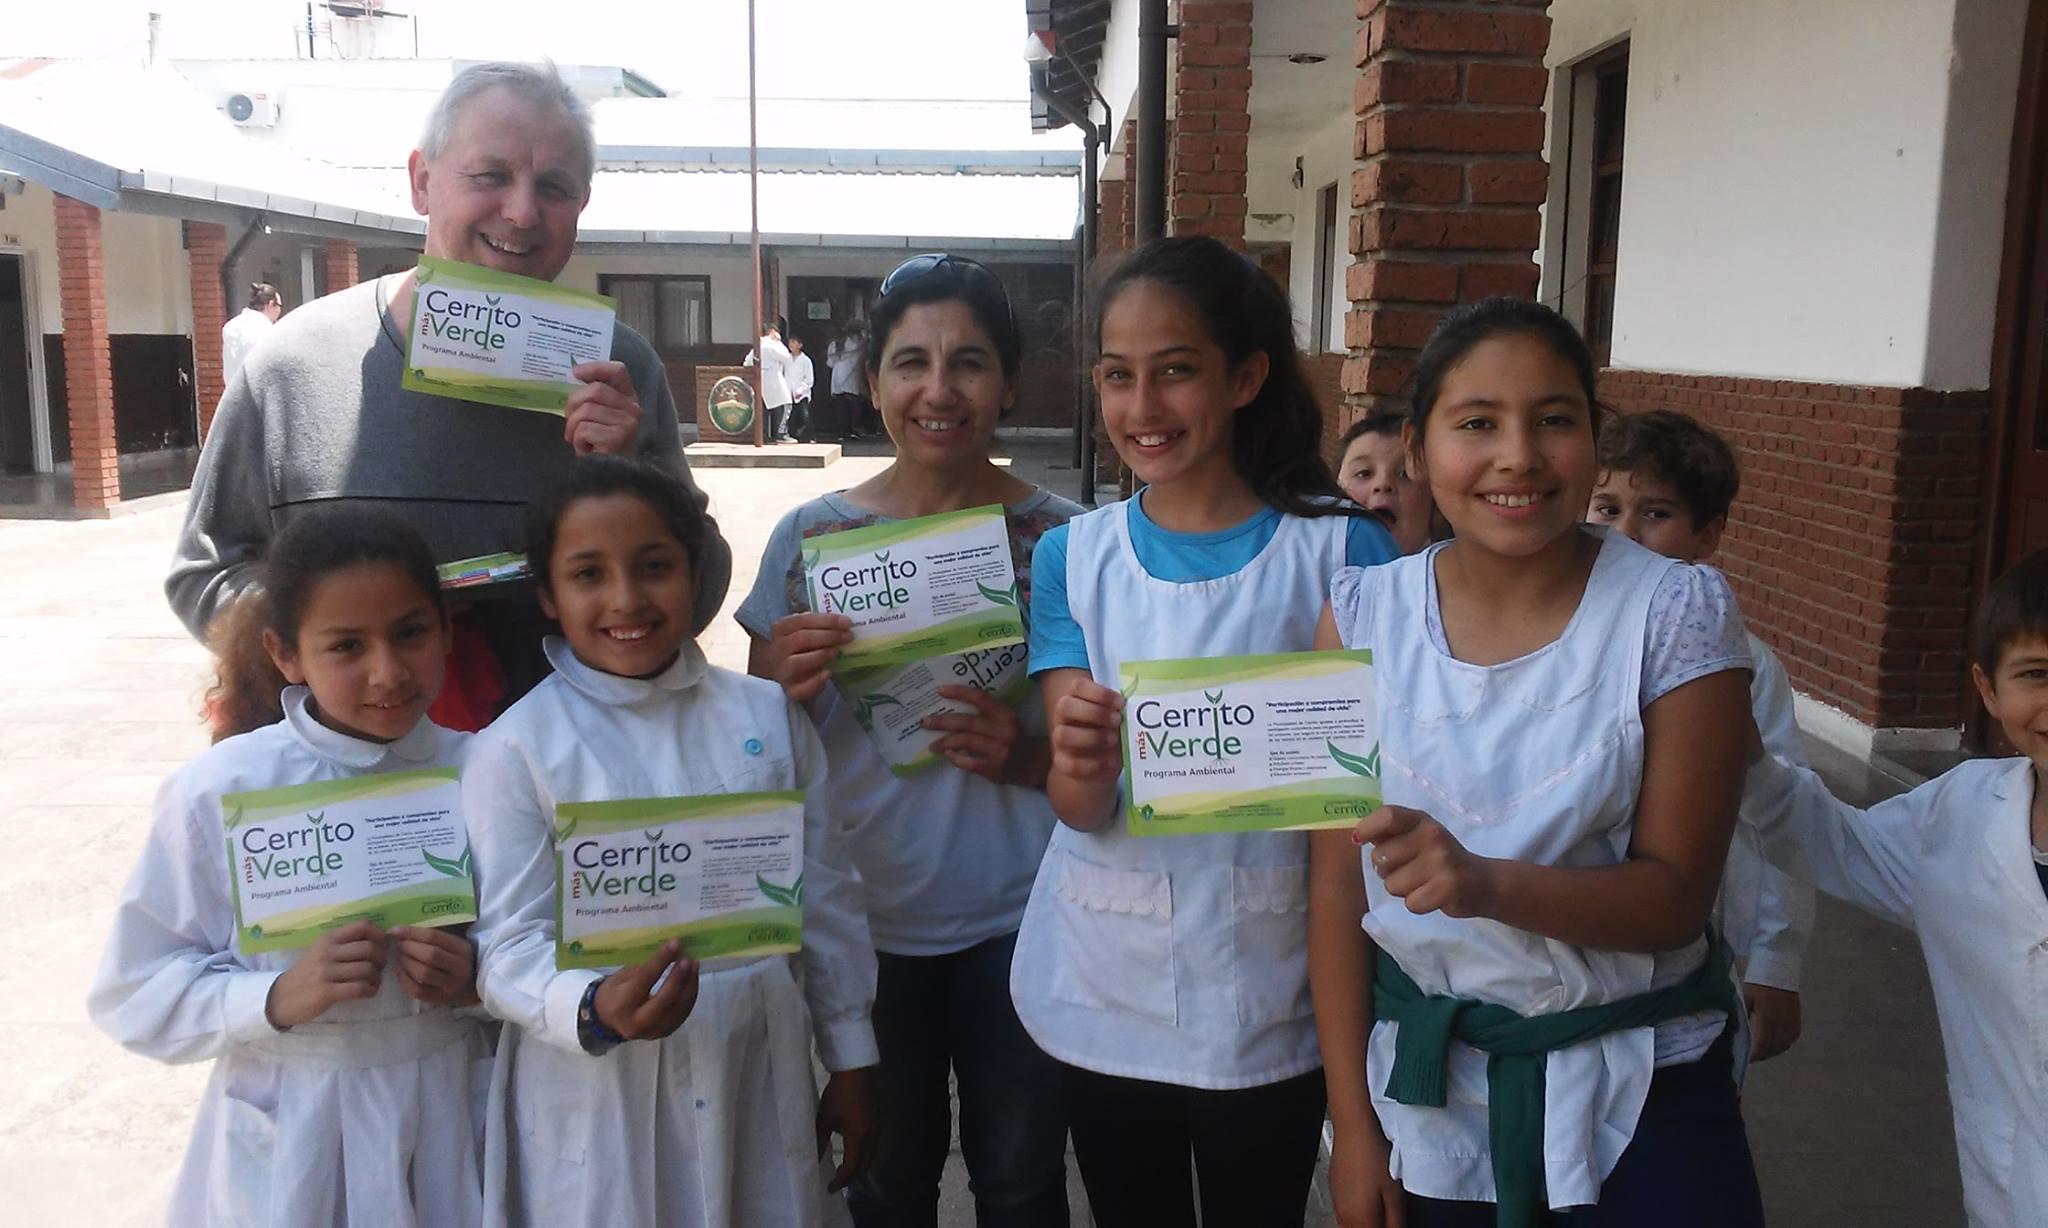 Alumnos colaboran en el programa Cerrito más verde